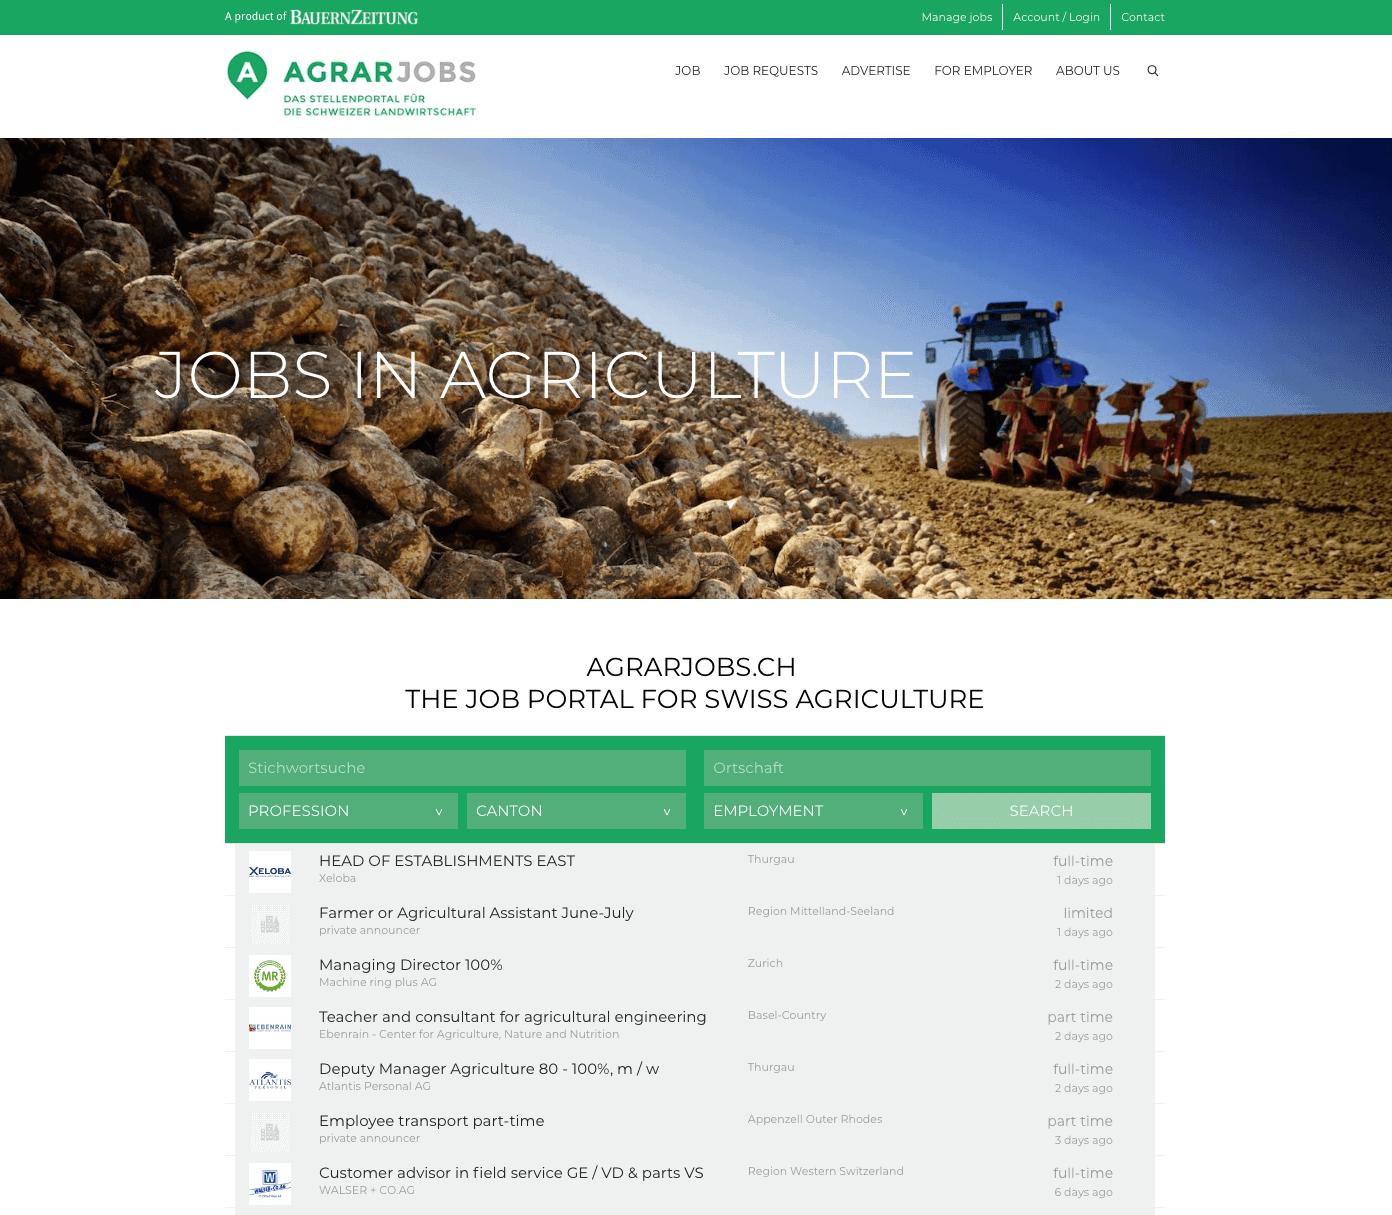 agrarjobs.ch